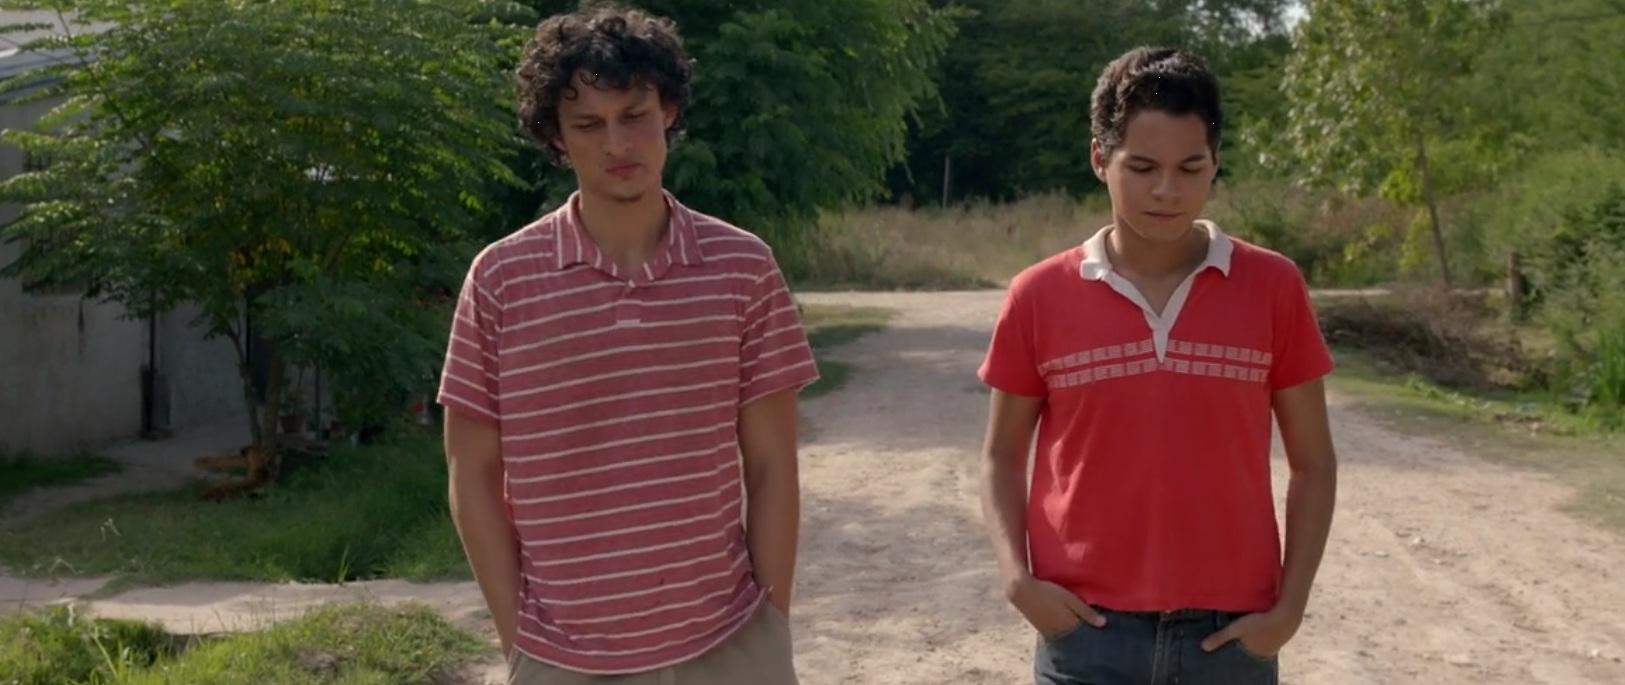 Ariel (Wall Javier) y Julio (Juan Sallmeri), en Hombres de piel dura.